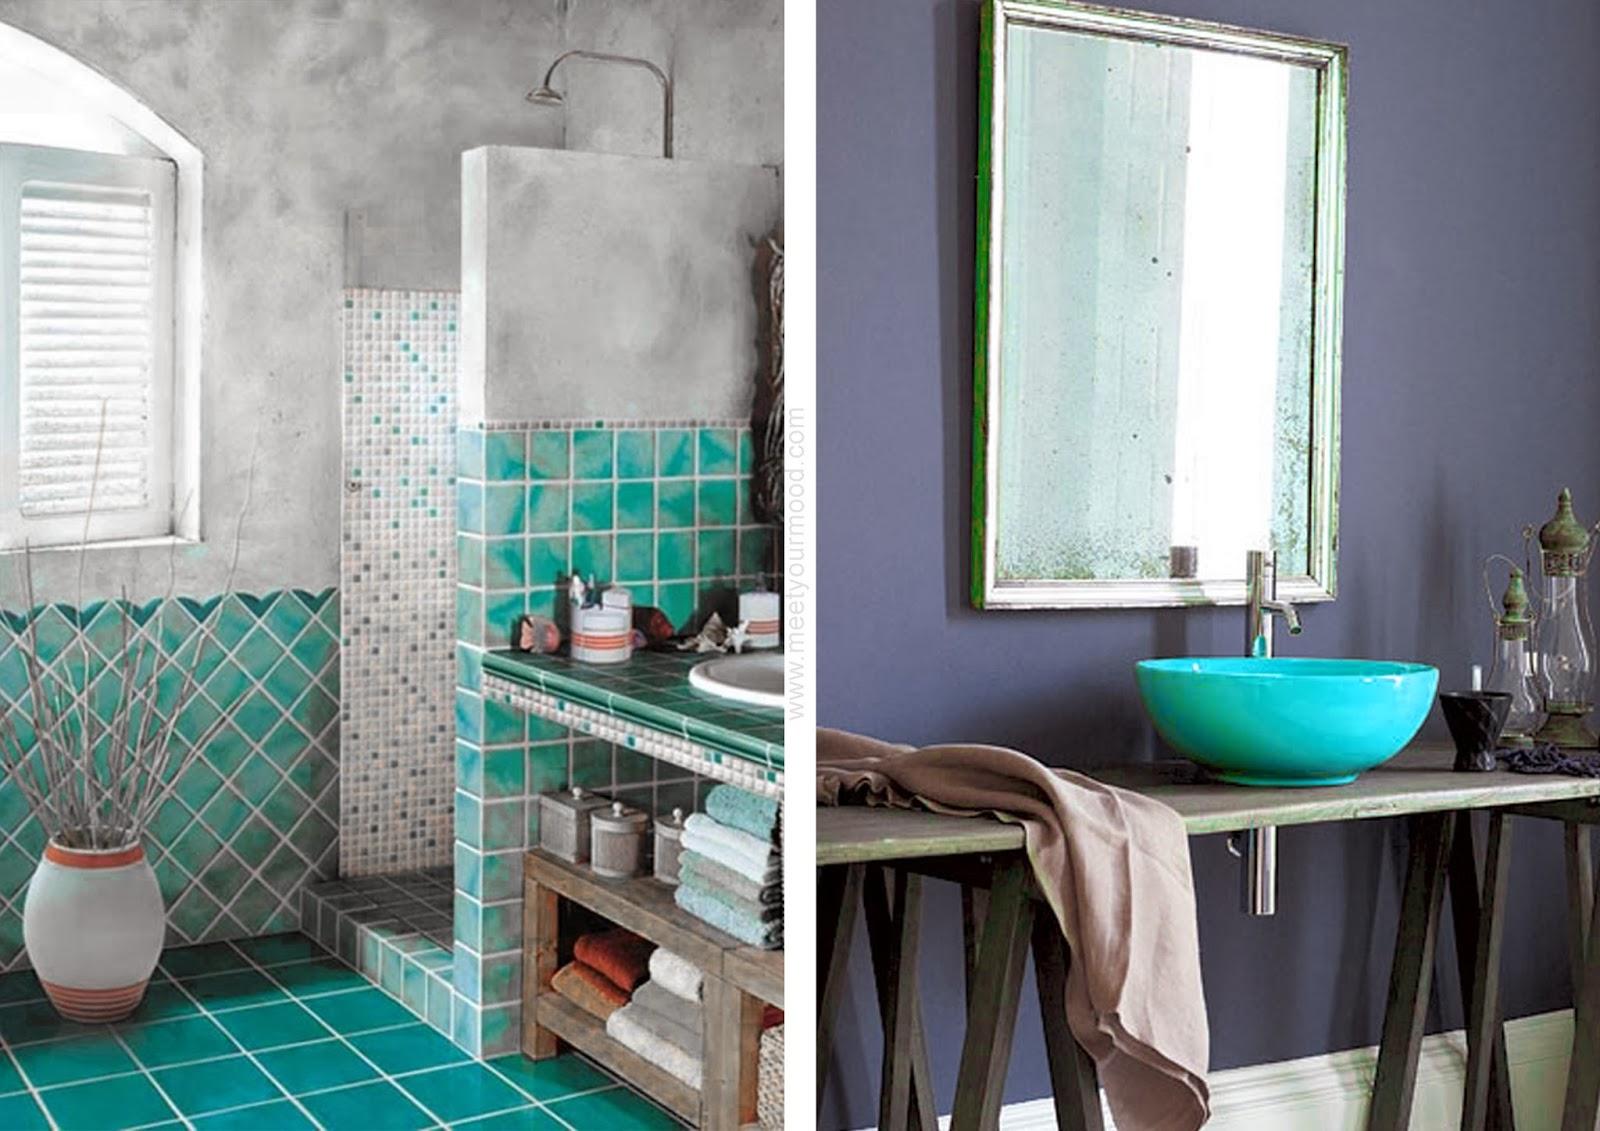 lampadario per bagno : Bagno Con Lampadario : Ecco i nostri suggerimenti per una cucina in ...